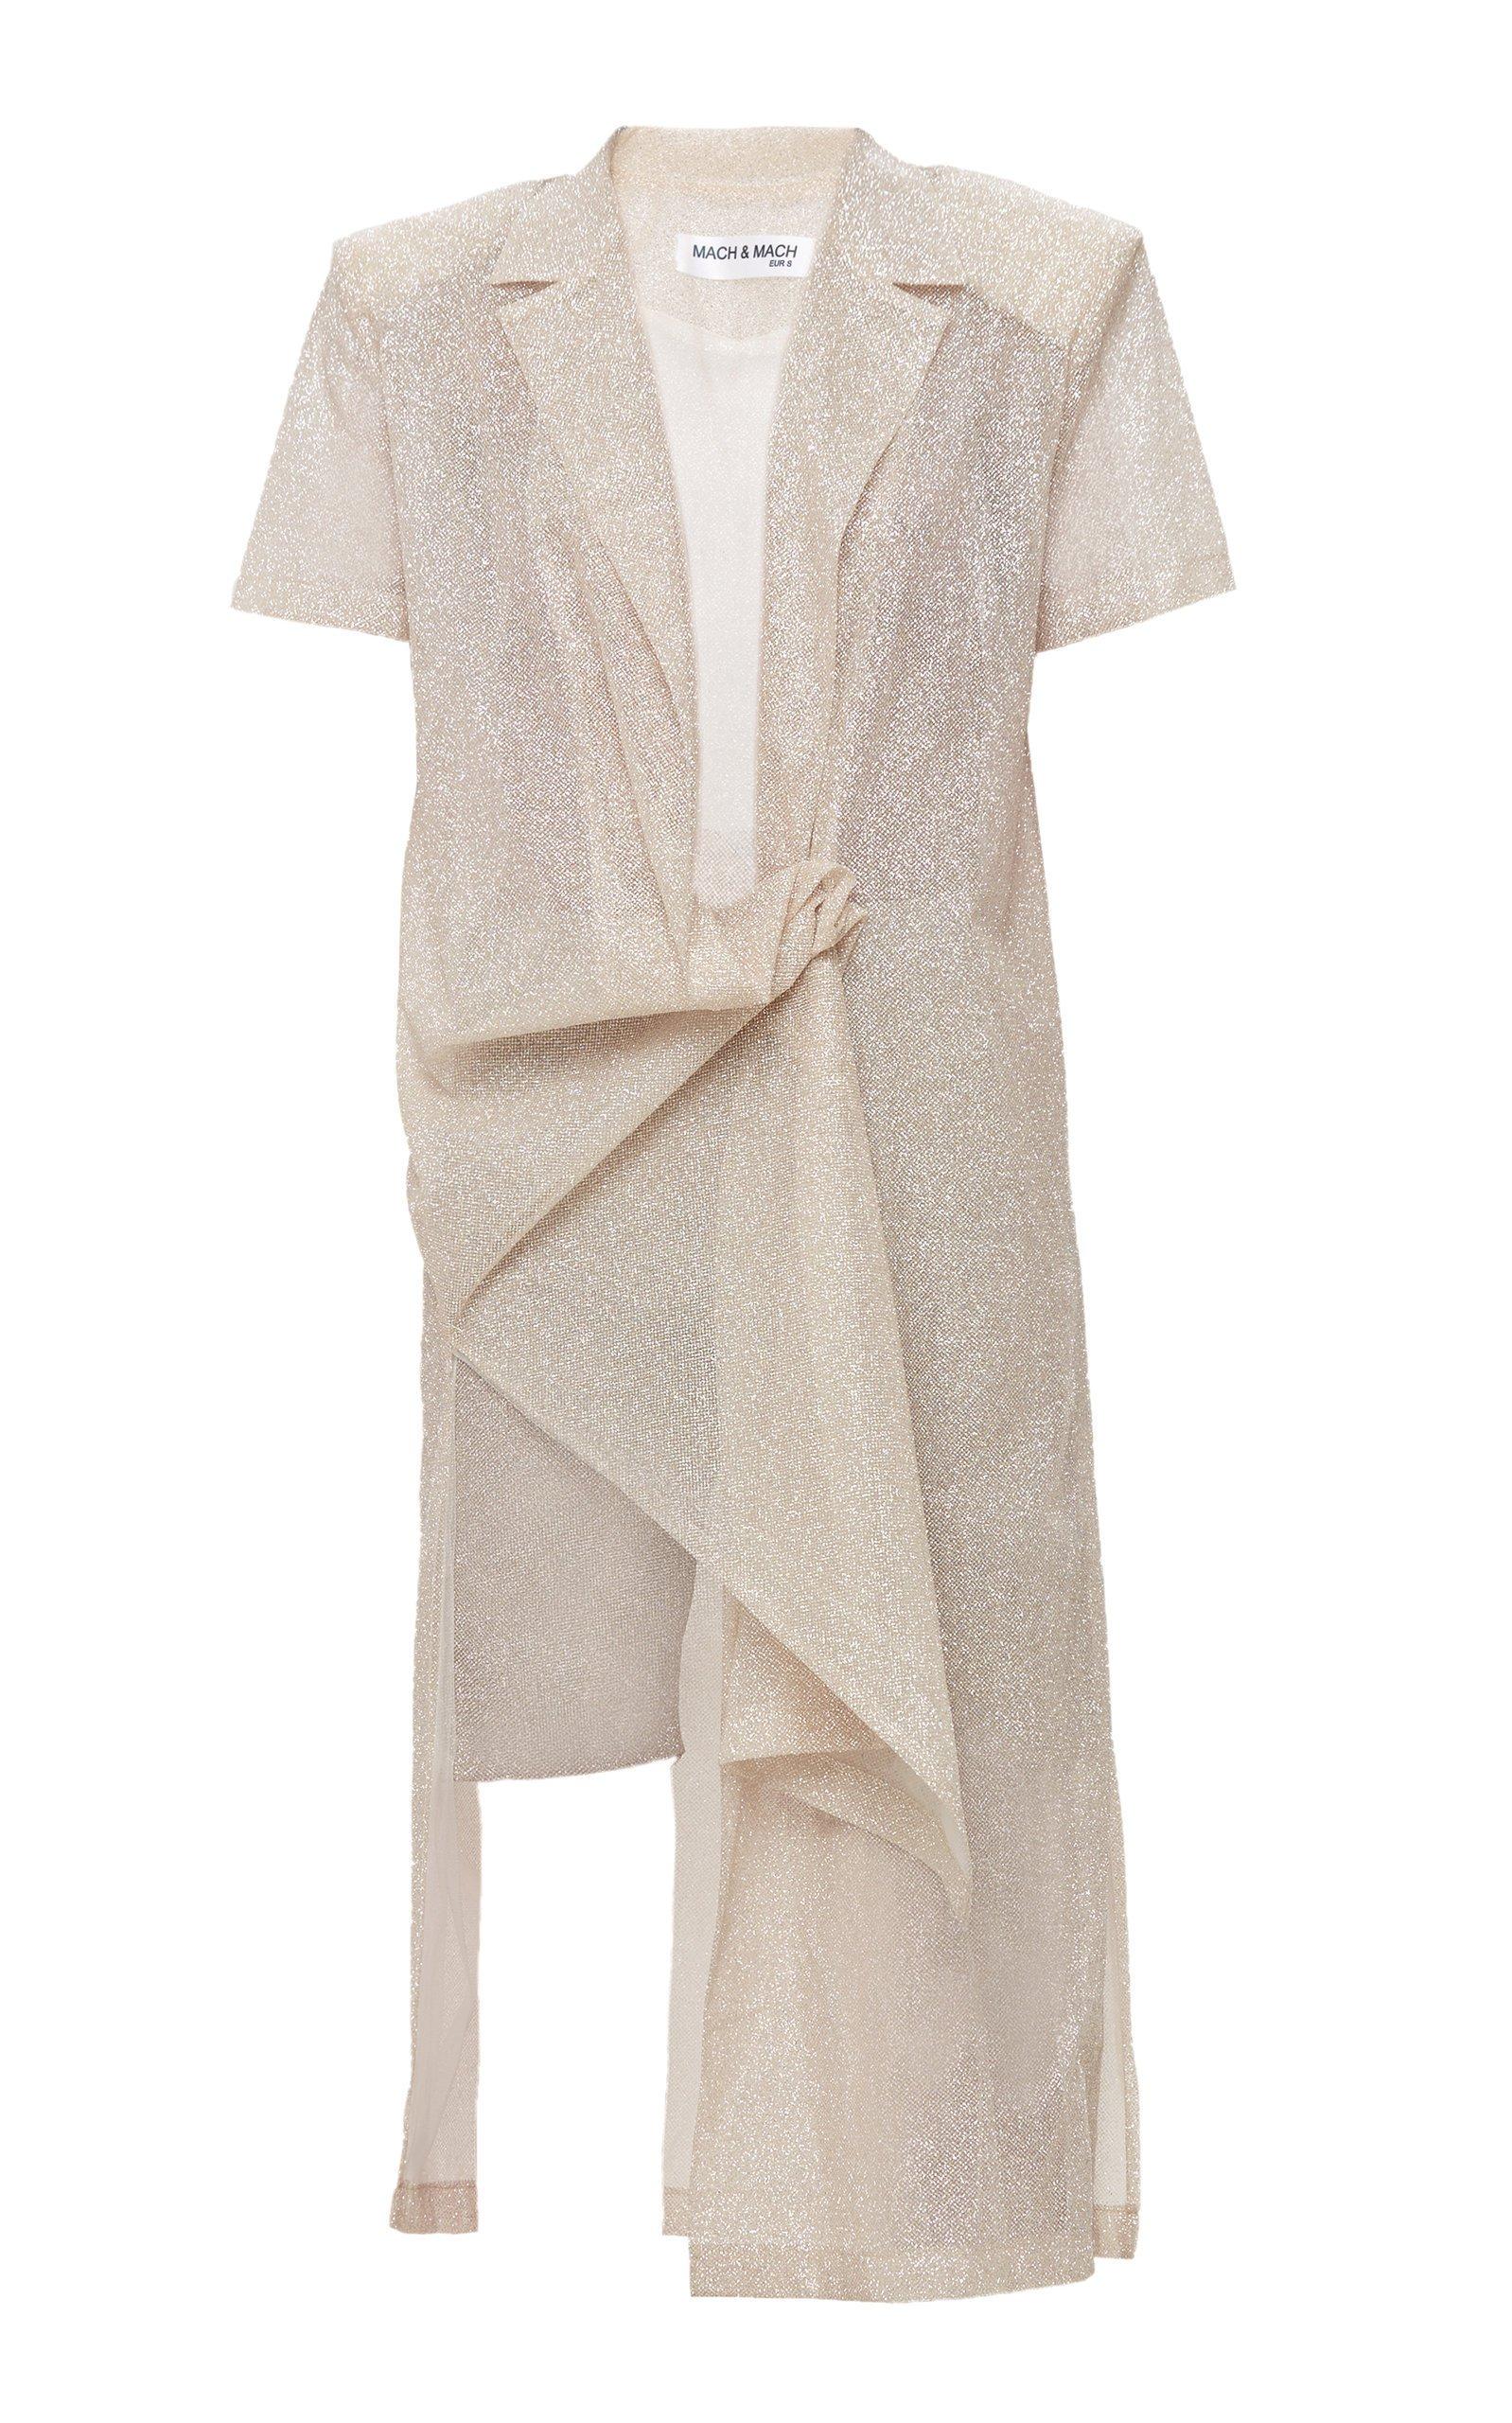 Mach & Mach Beige Sparkling Shirt Dress